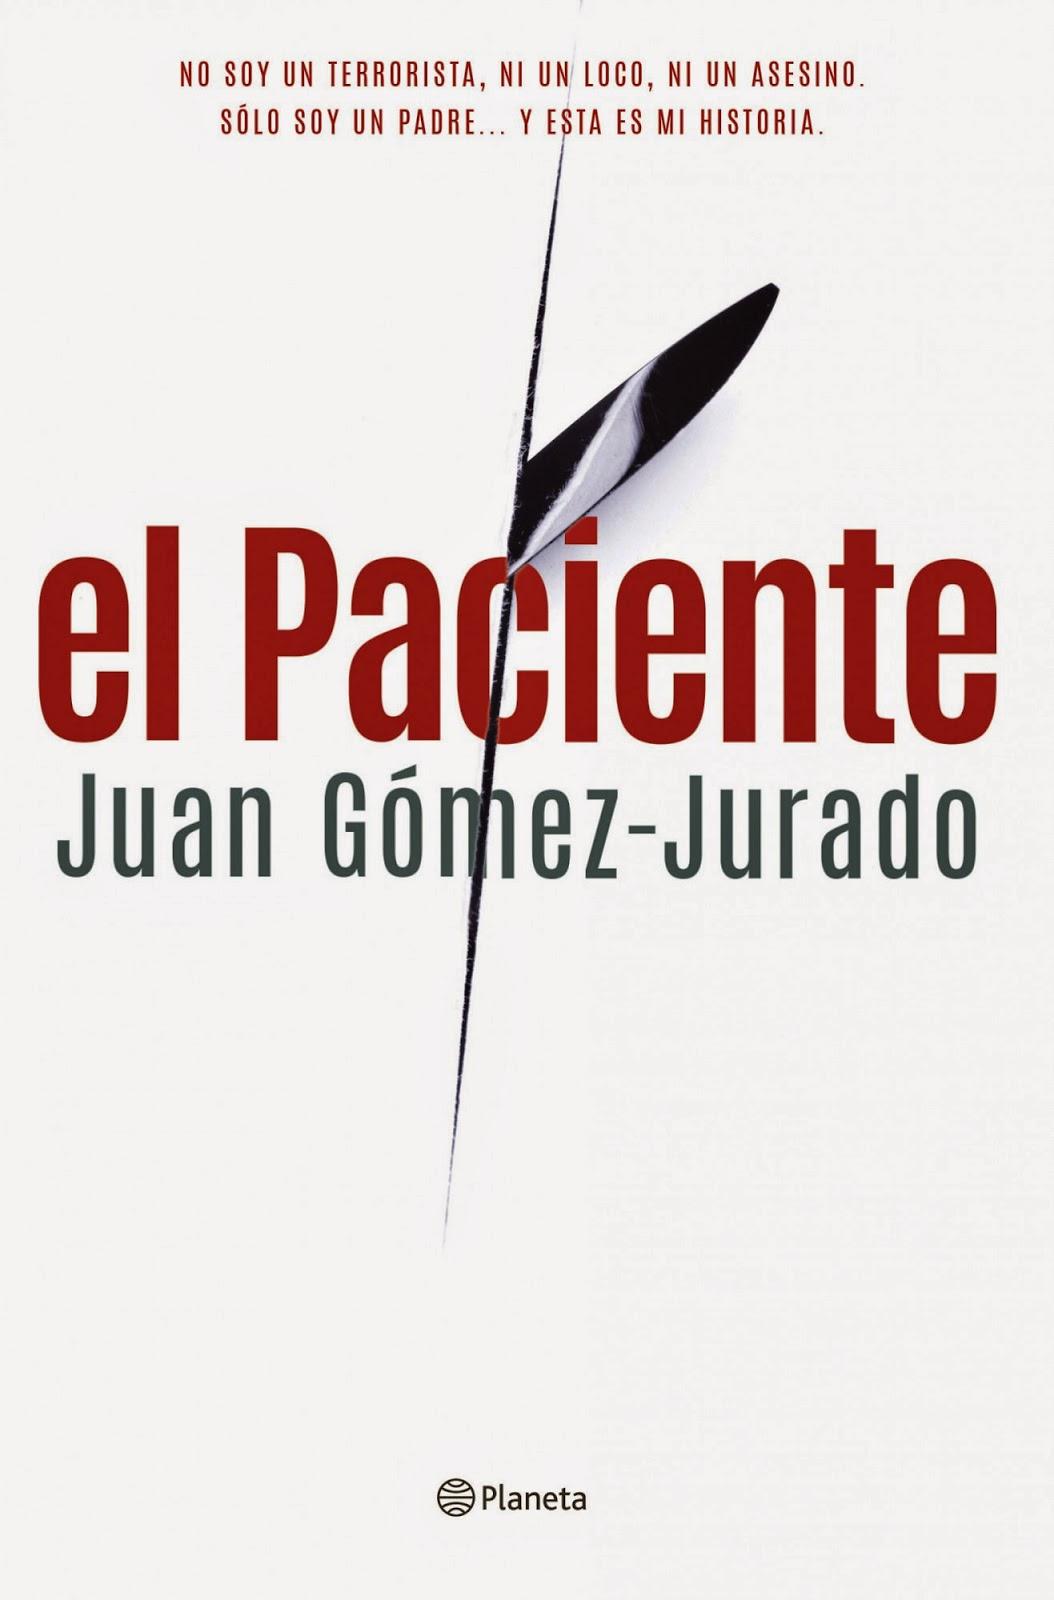 http://juntandomasletras.blogspot.com.es/2014/04/el-paciente-de-juan-gomez-jurado.html